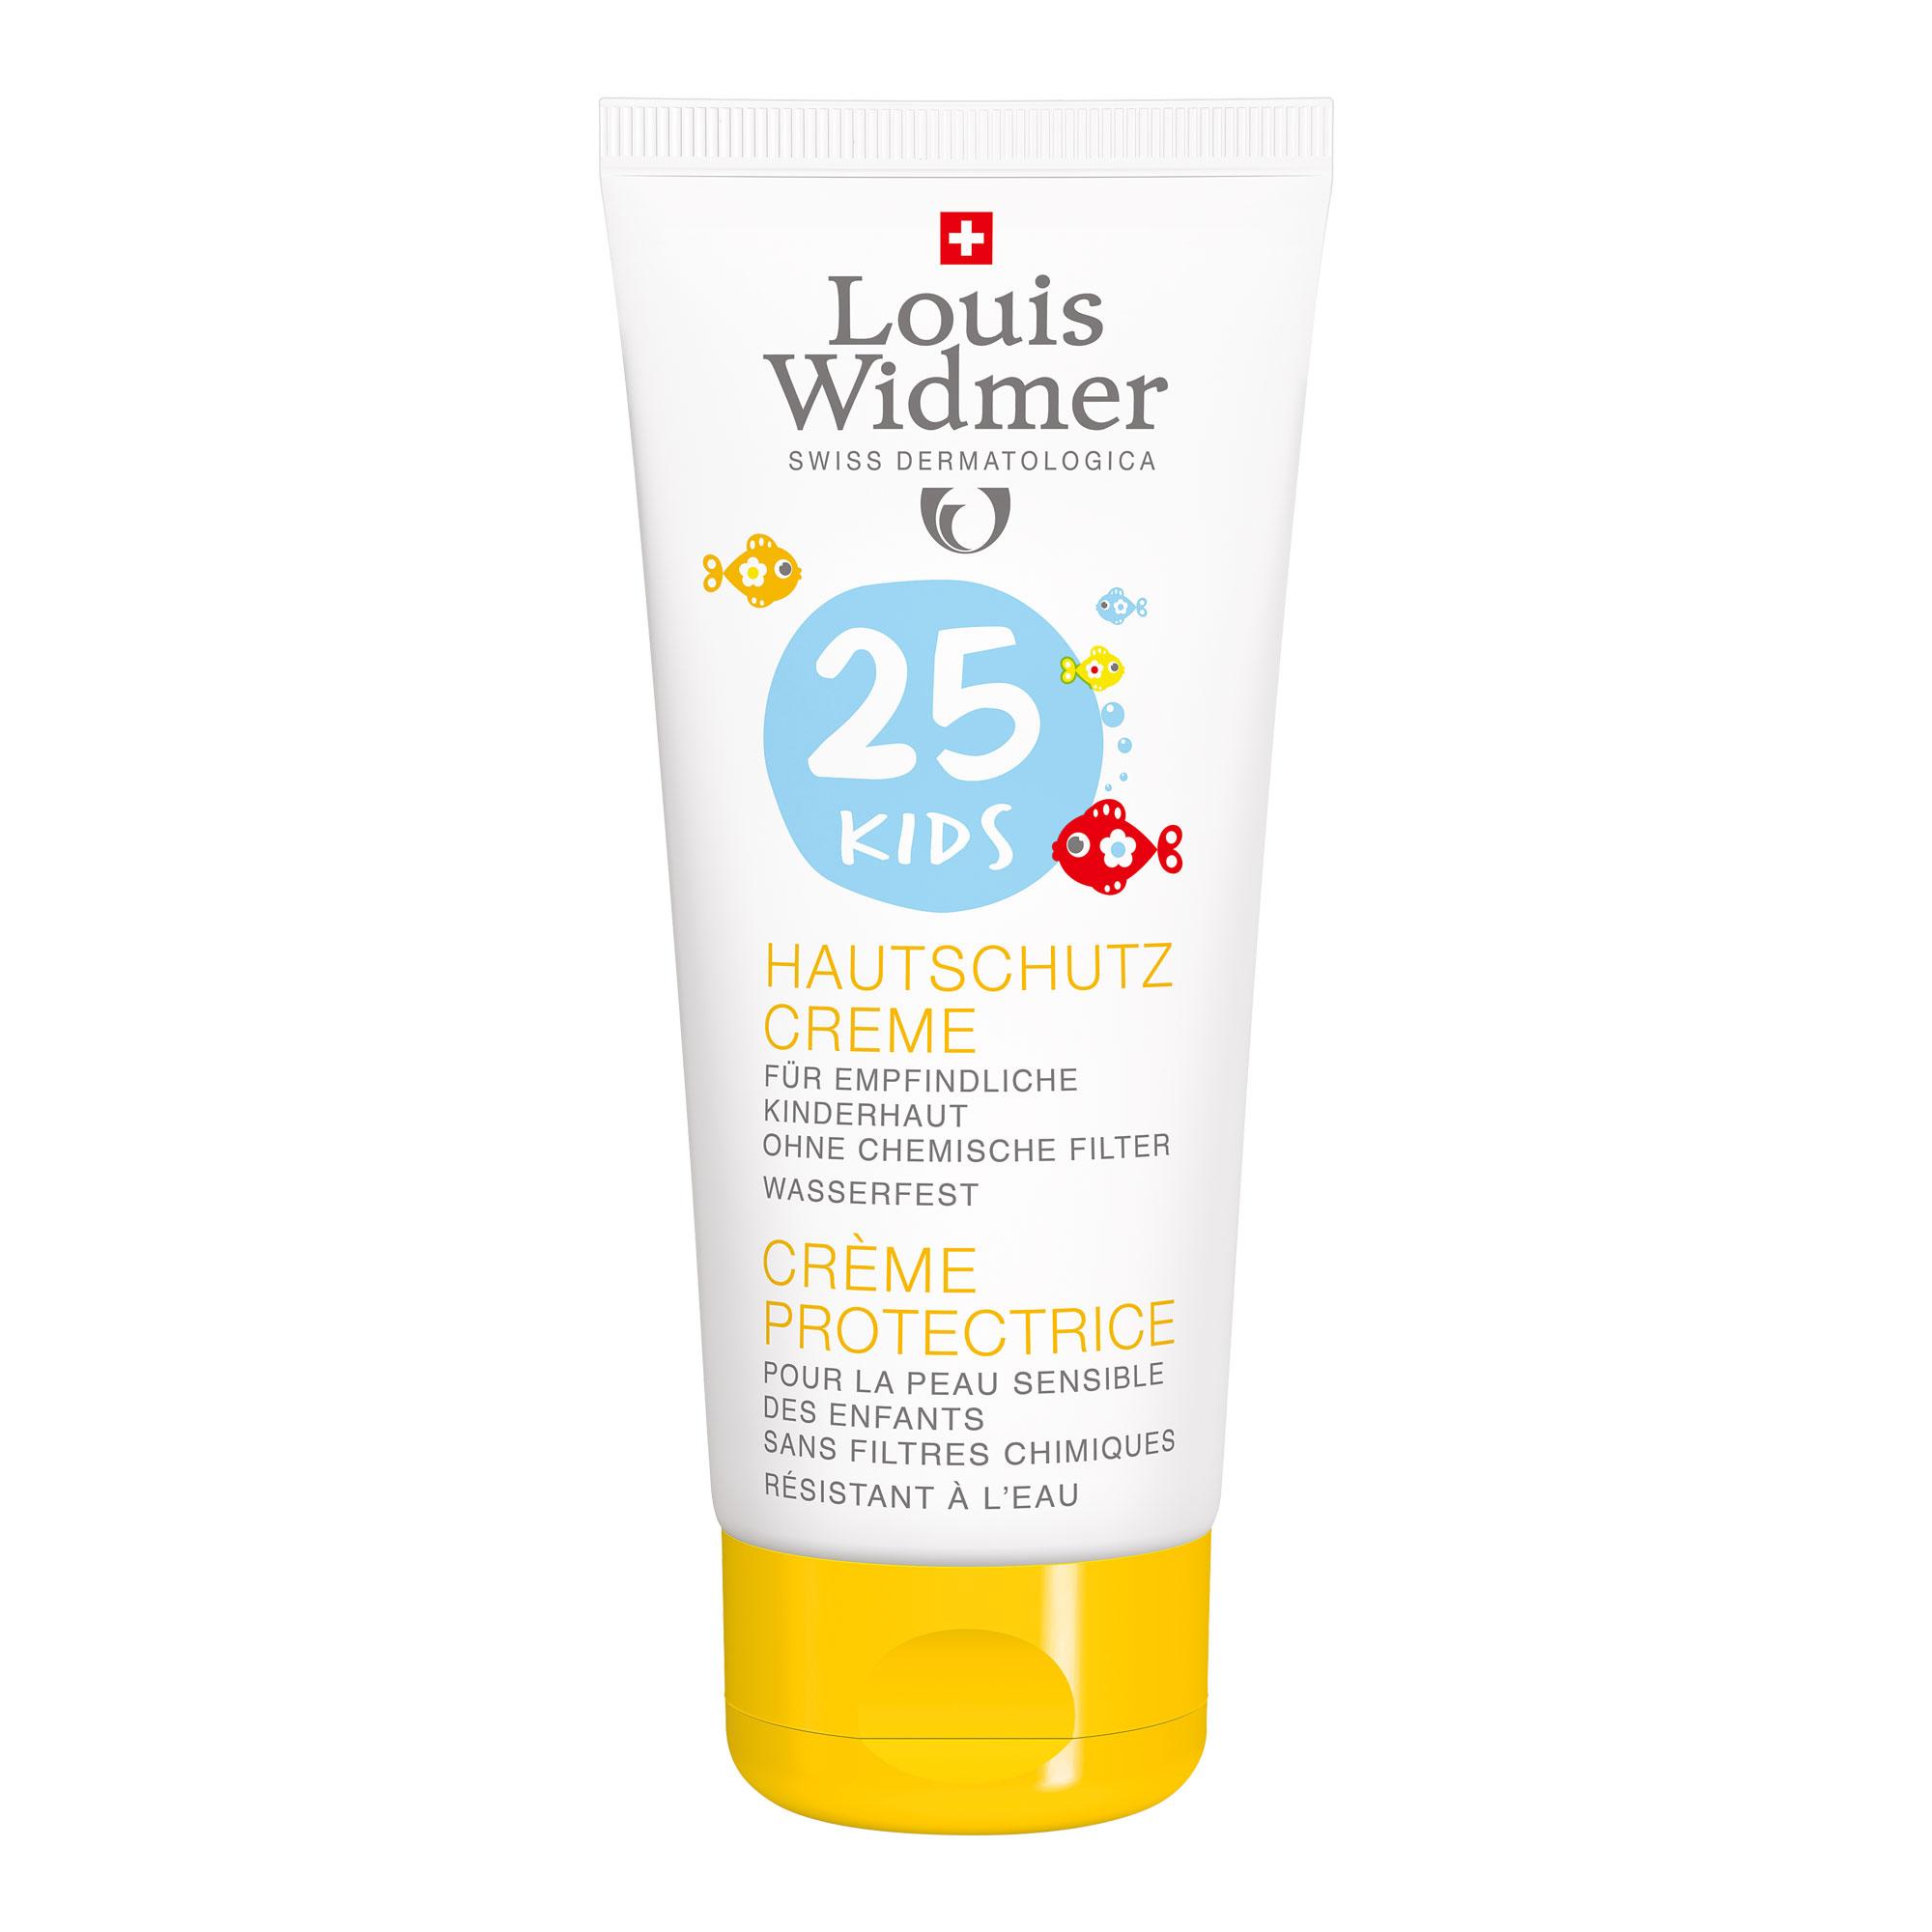 Louis Widmer Kids Hautschutz Creme SPF25 unparfümiert